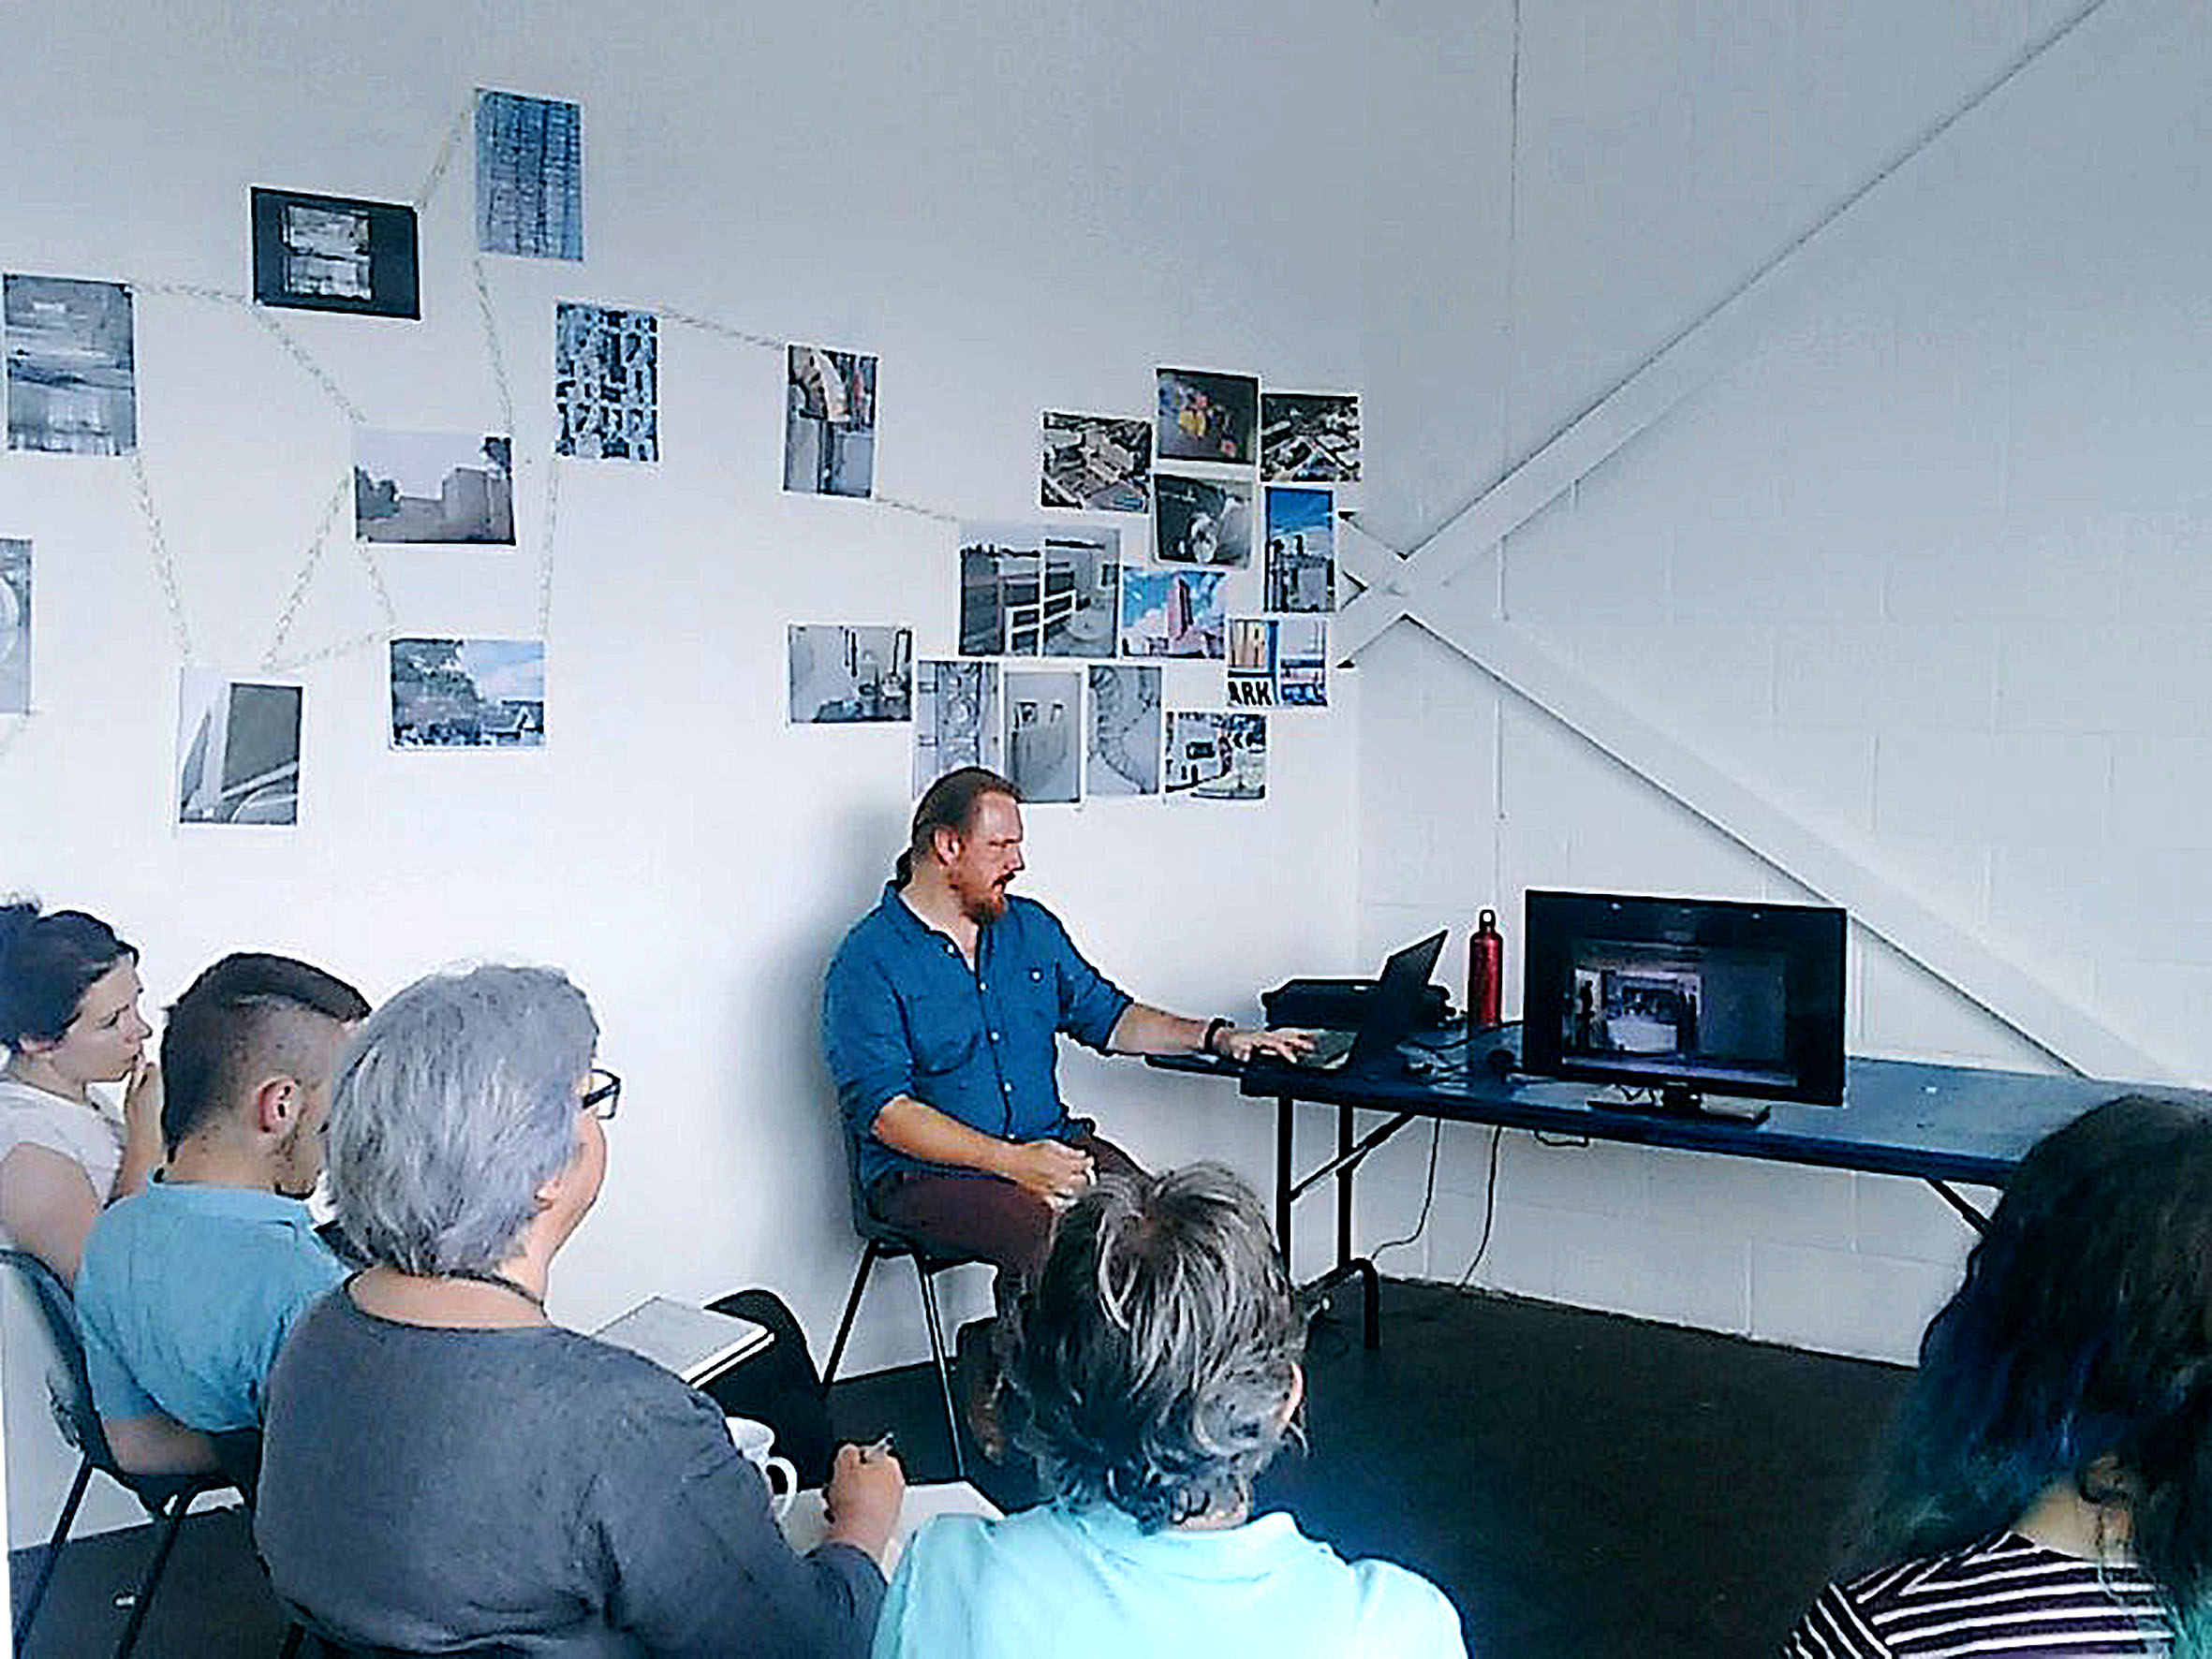 Artist talk by Redhawk Logistica